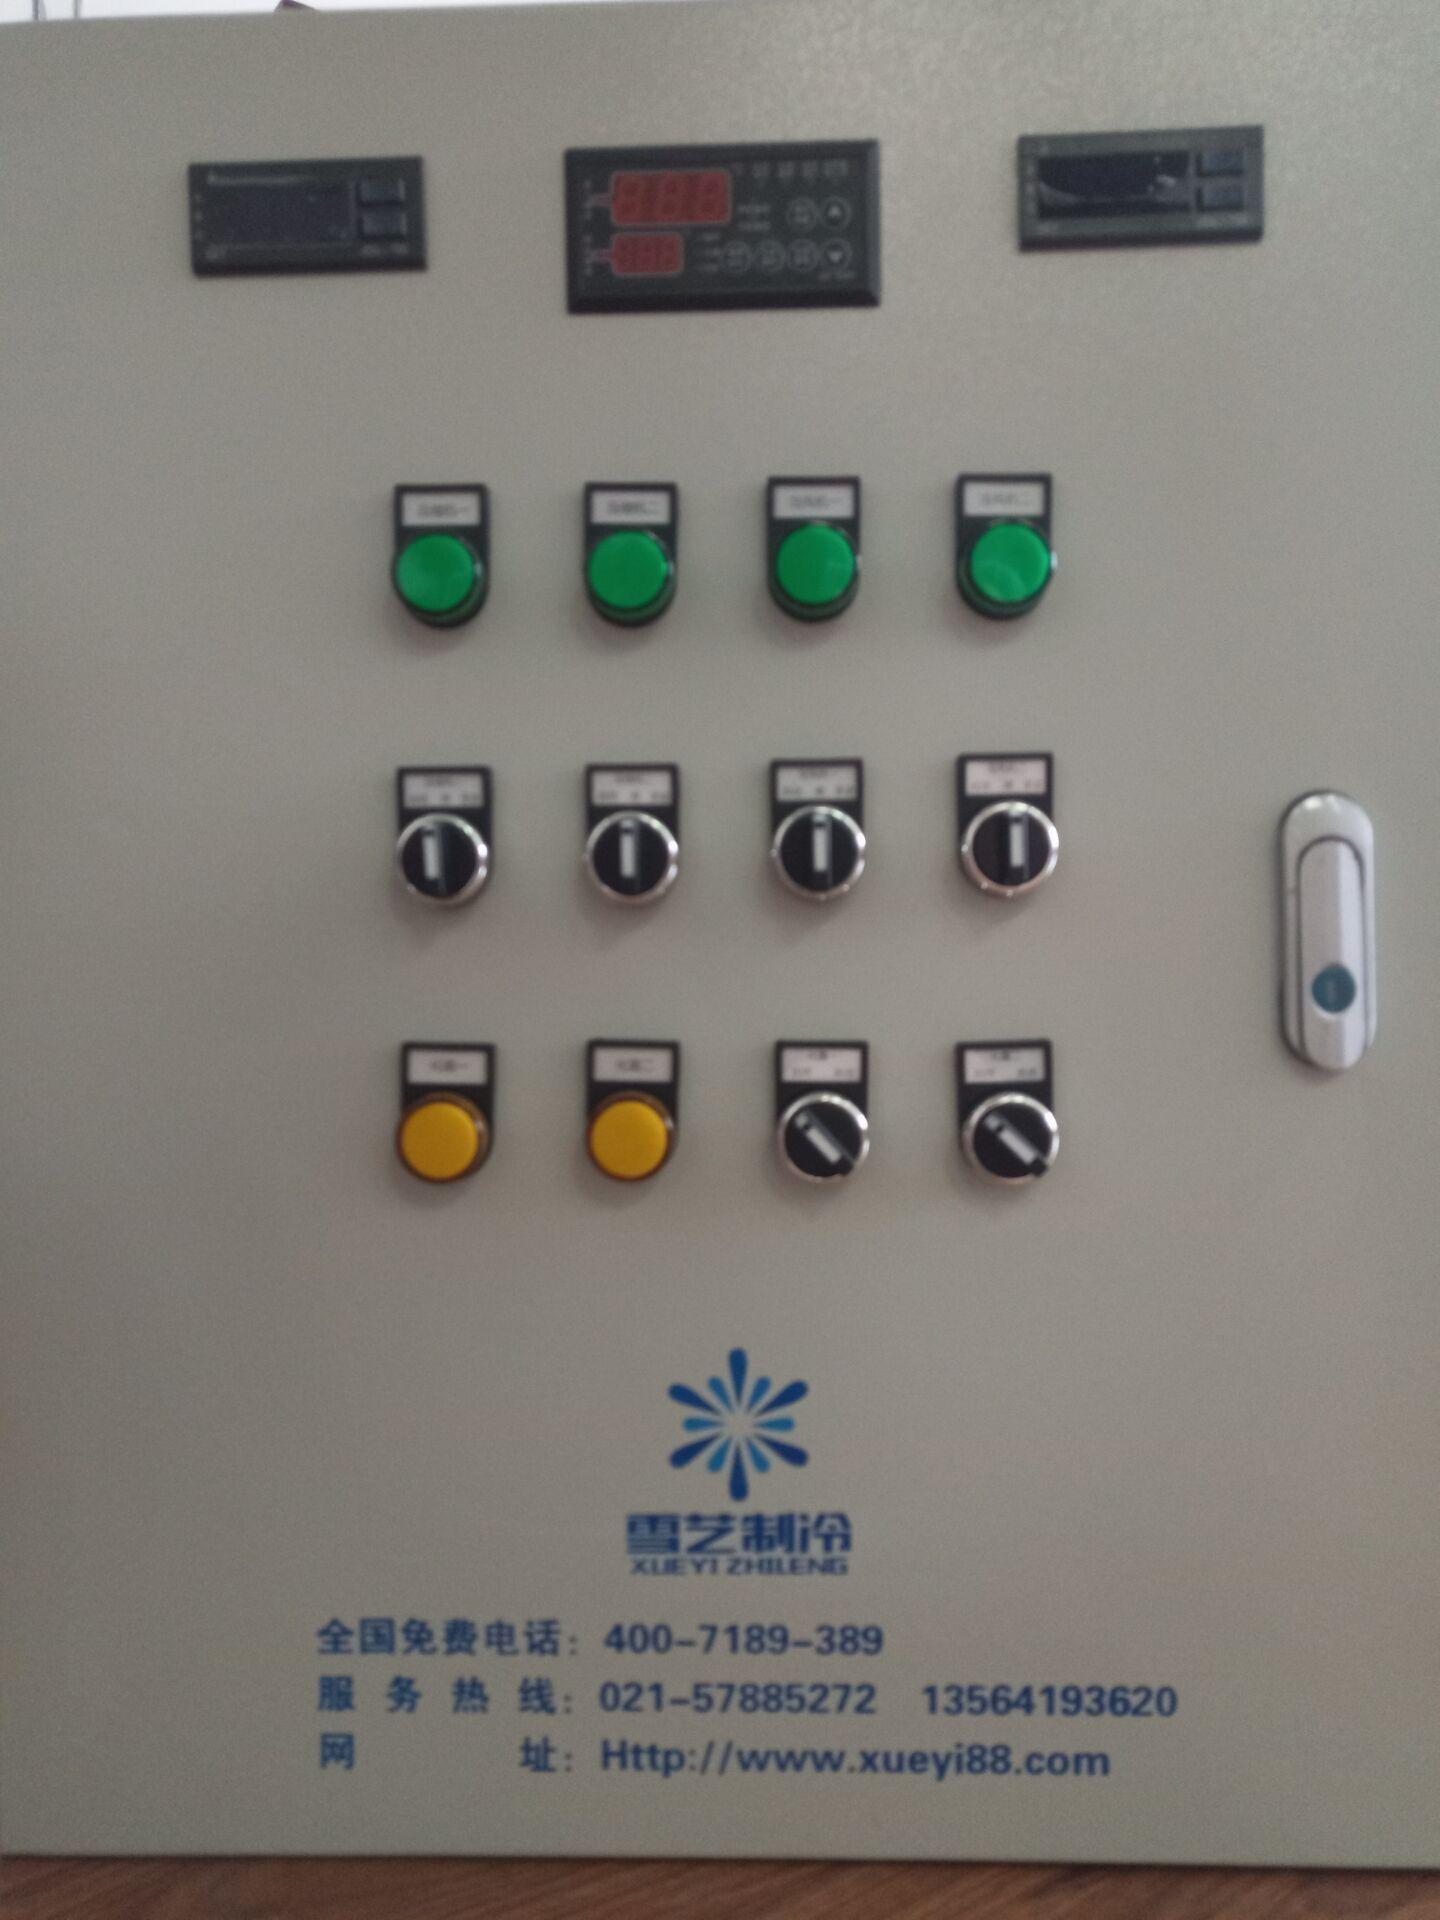 上海雪艺制冷冷库电箱工作原理 配电箱是按电气接线要求将开关设备